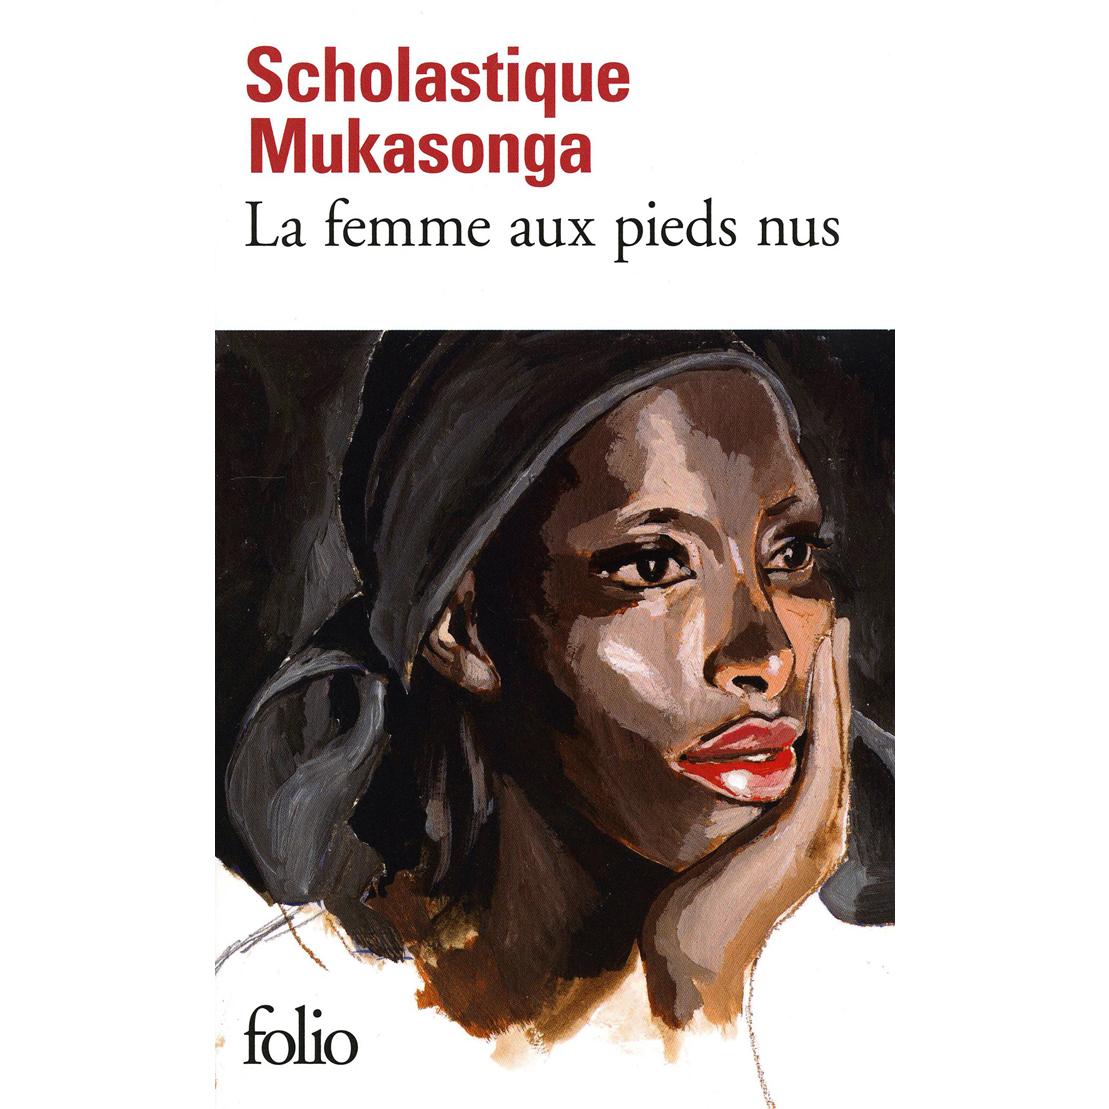 Folio La femme aux pieds nus